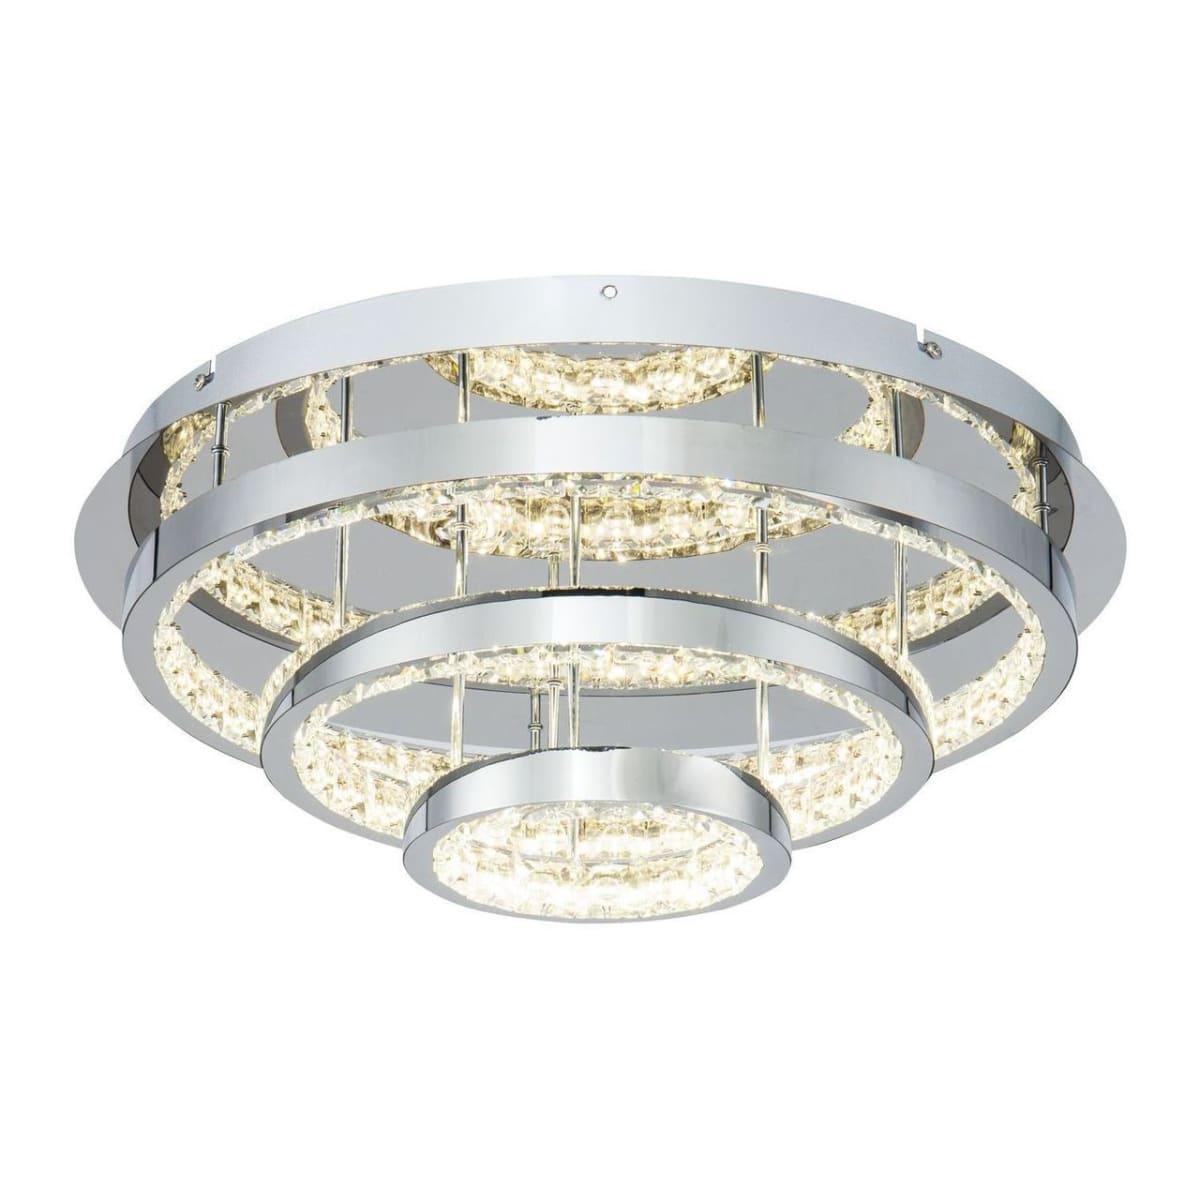 Потолочный светильник Freya Dome FR6004CL-L35CH, LED белый свет 17.50 м² цвет серебряный